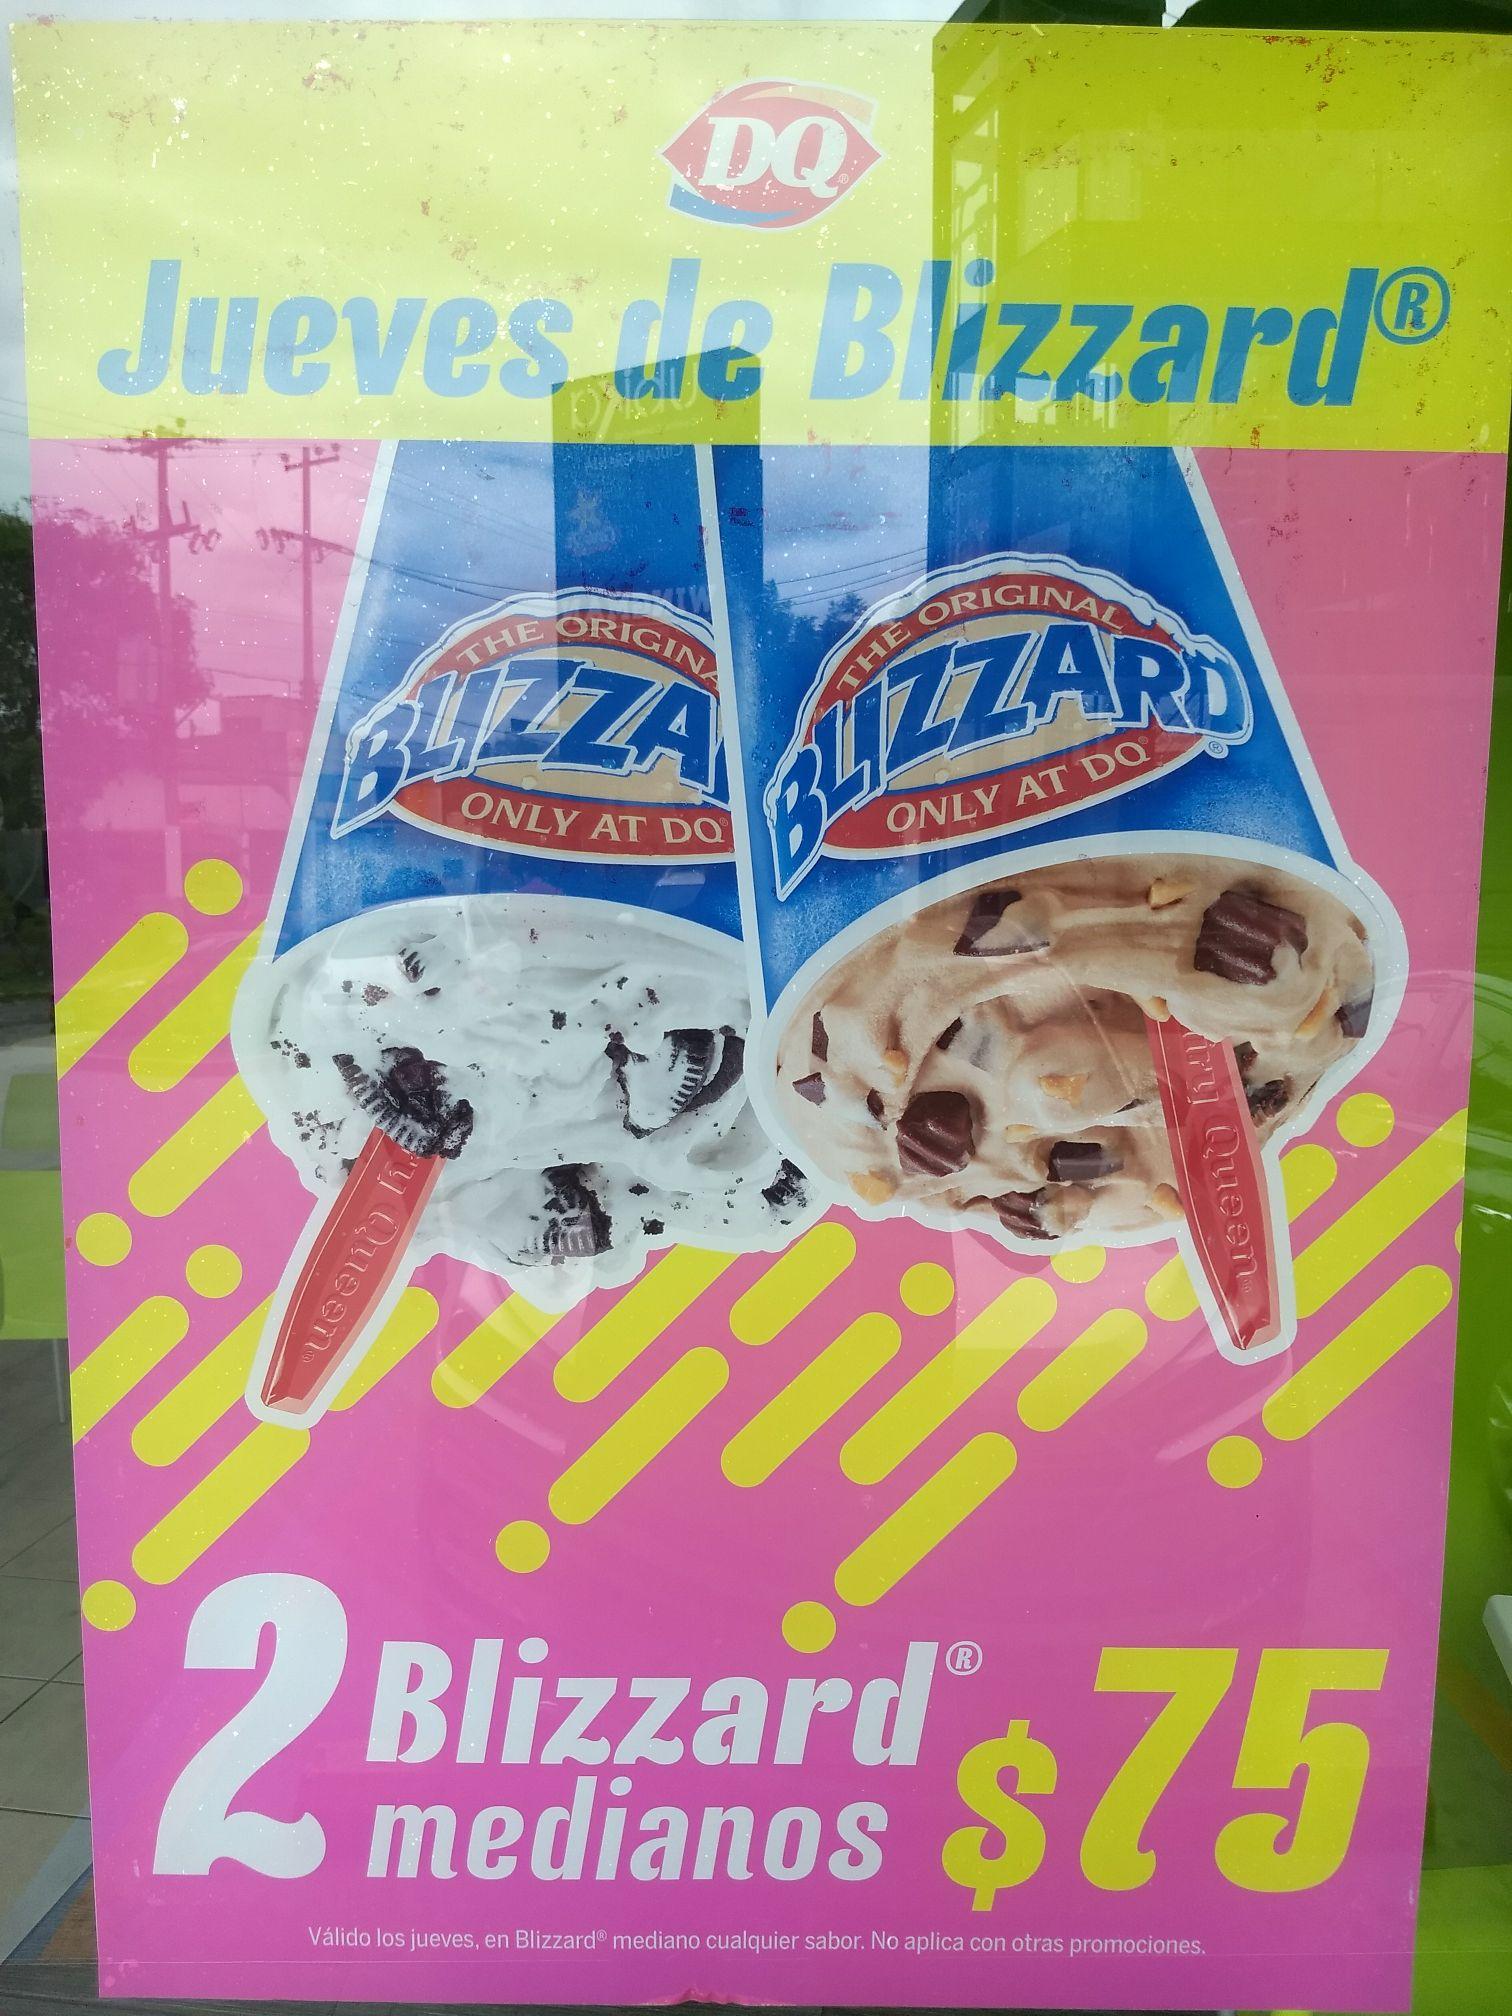 Dairy Queen: Jueves de 2 blizzards® medianos de cualquier sabor por $75